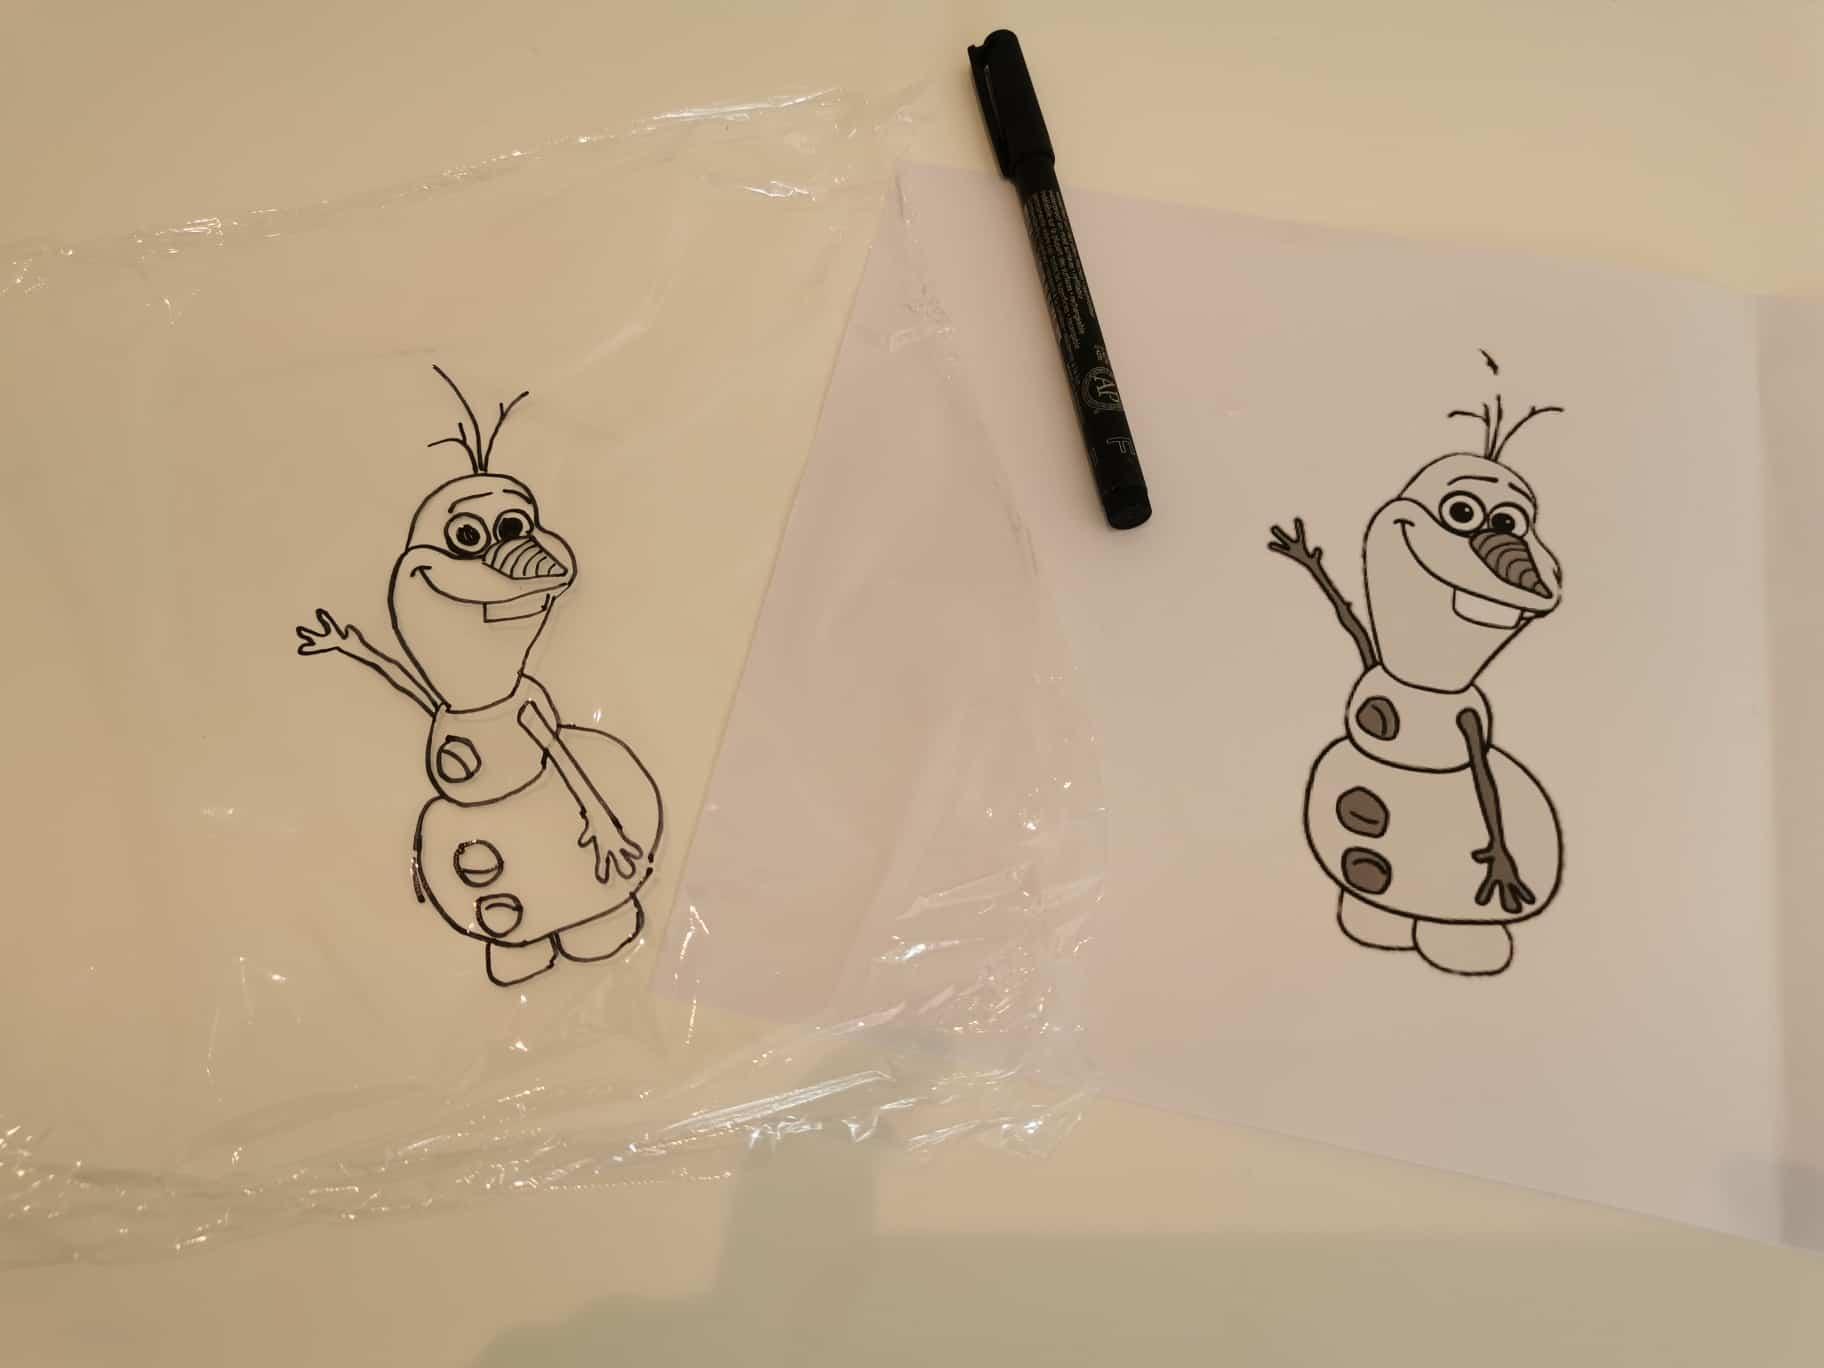 Drawing Olaf on glad-wrap